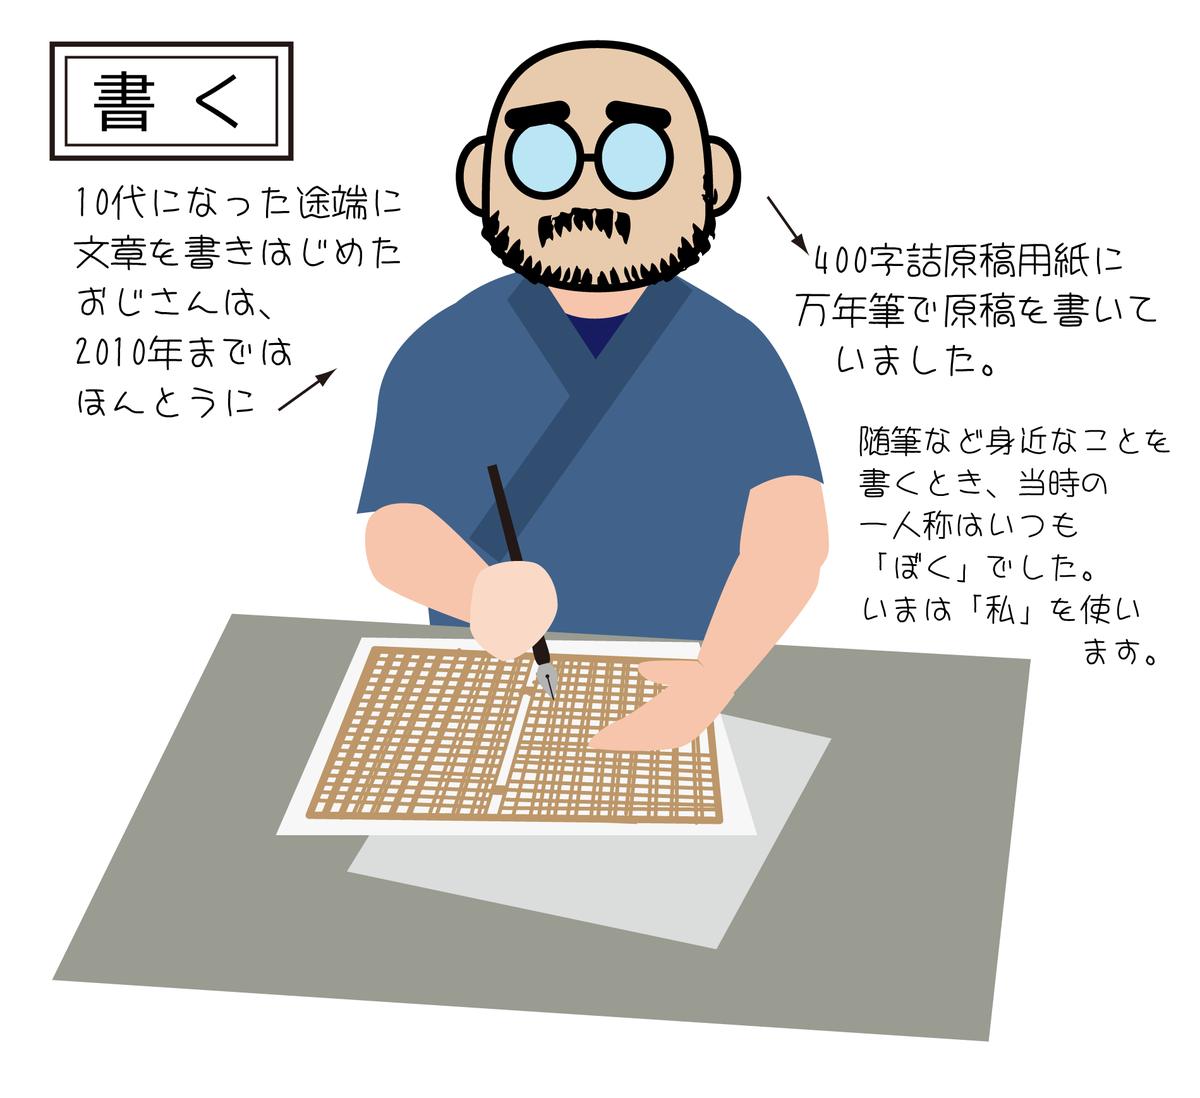 f:id:oji-3:20201128163330p:plain